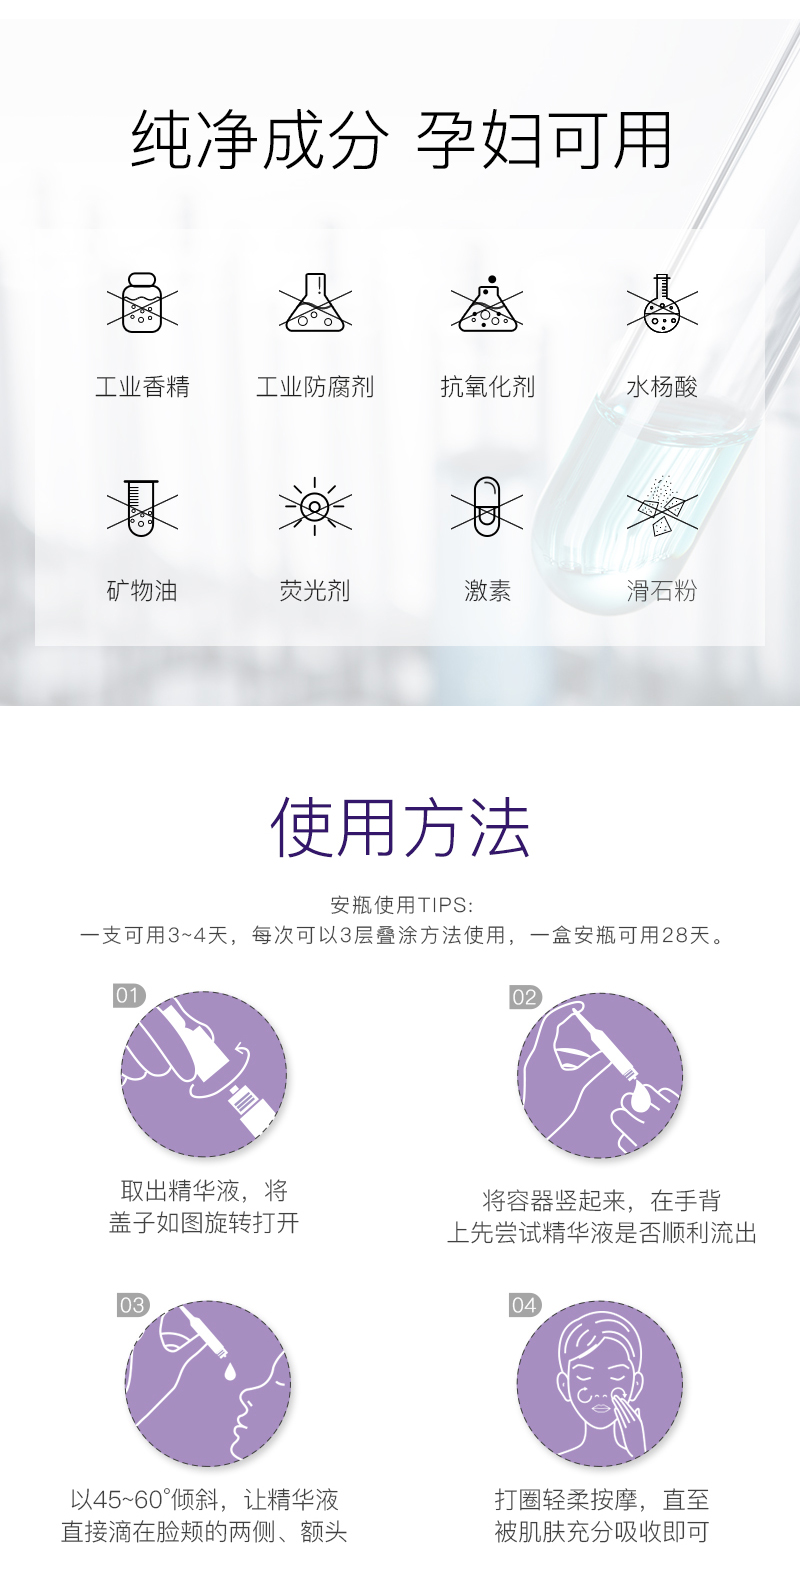 新包装酵母臻亮焕颜精华液800_11.jpg